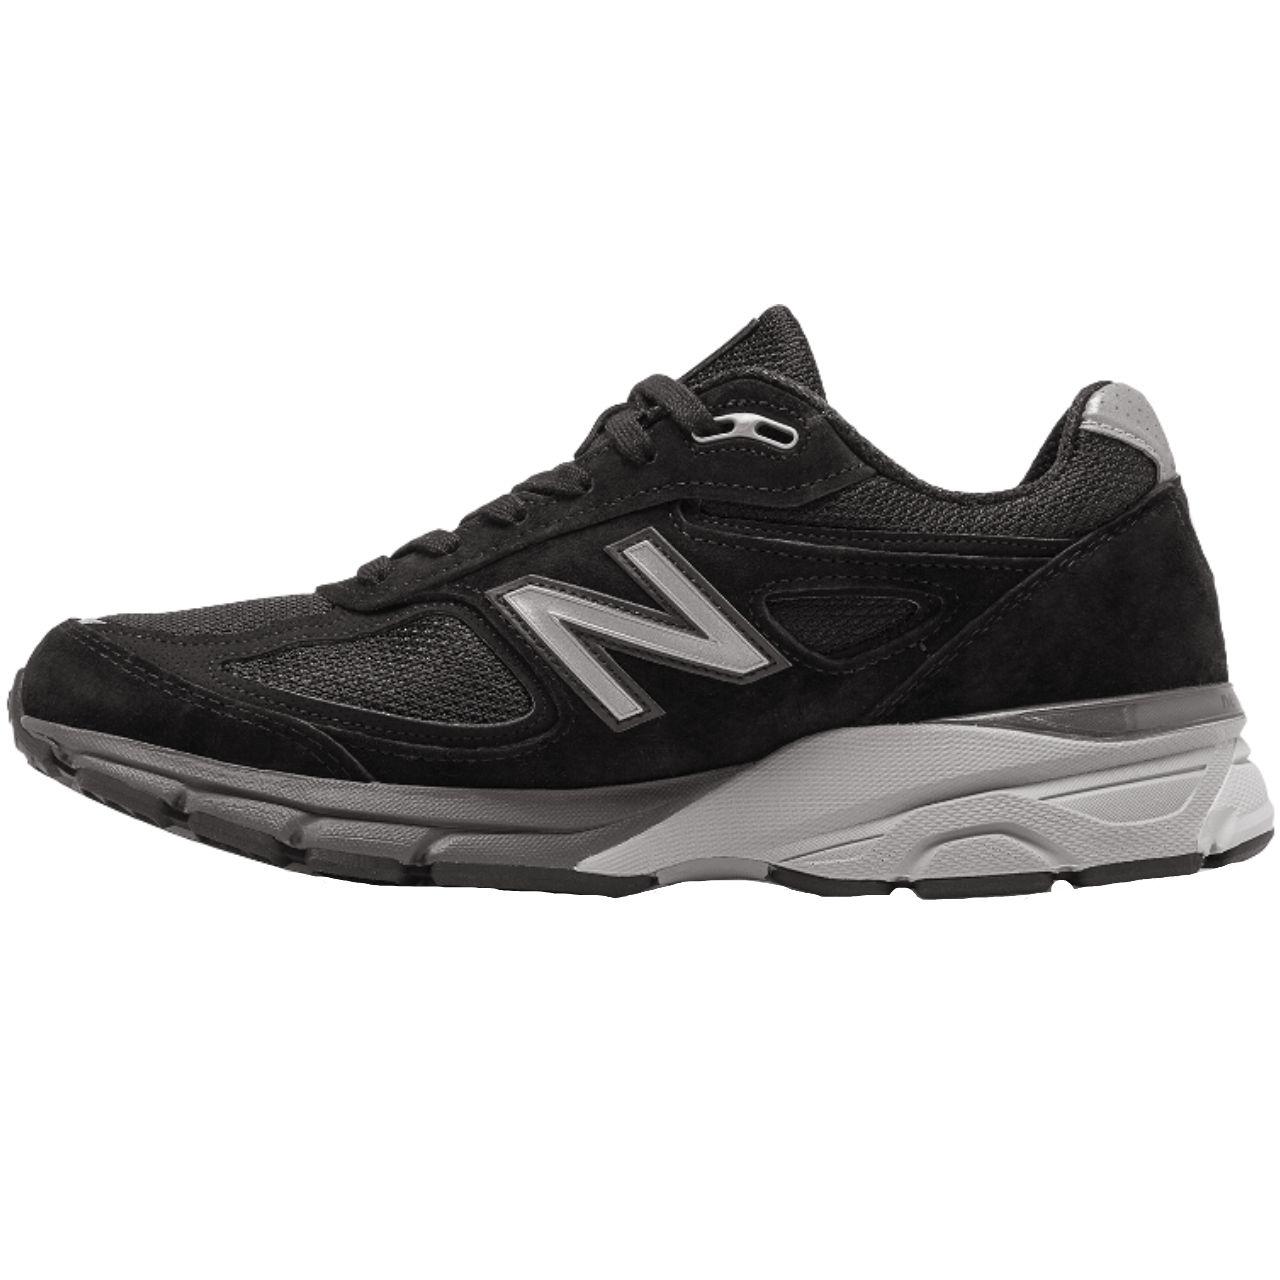 کفش دویدن مردانه نیو بالانس مدل new balance M990 BK4 running shoes